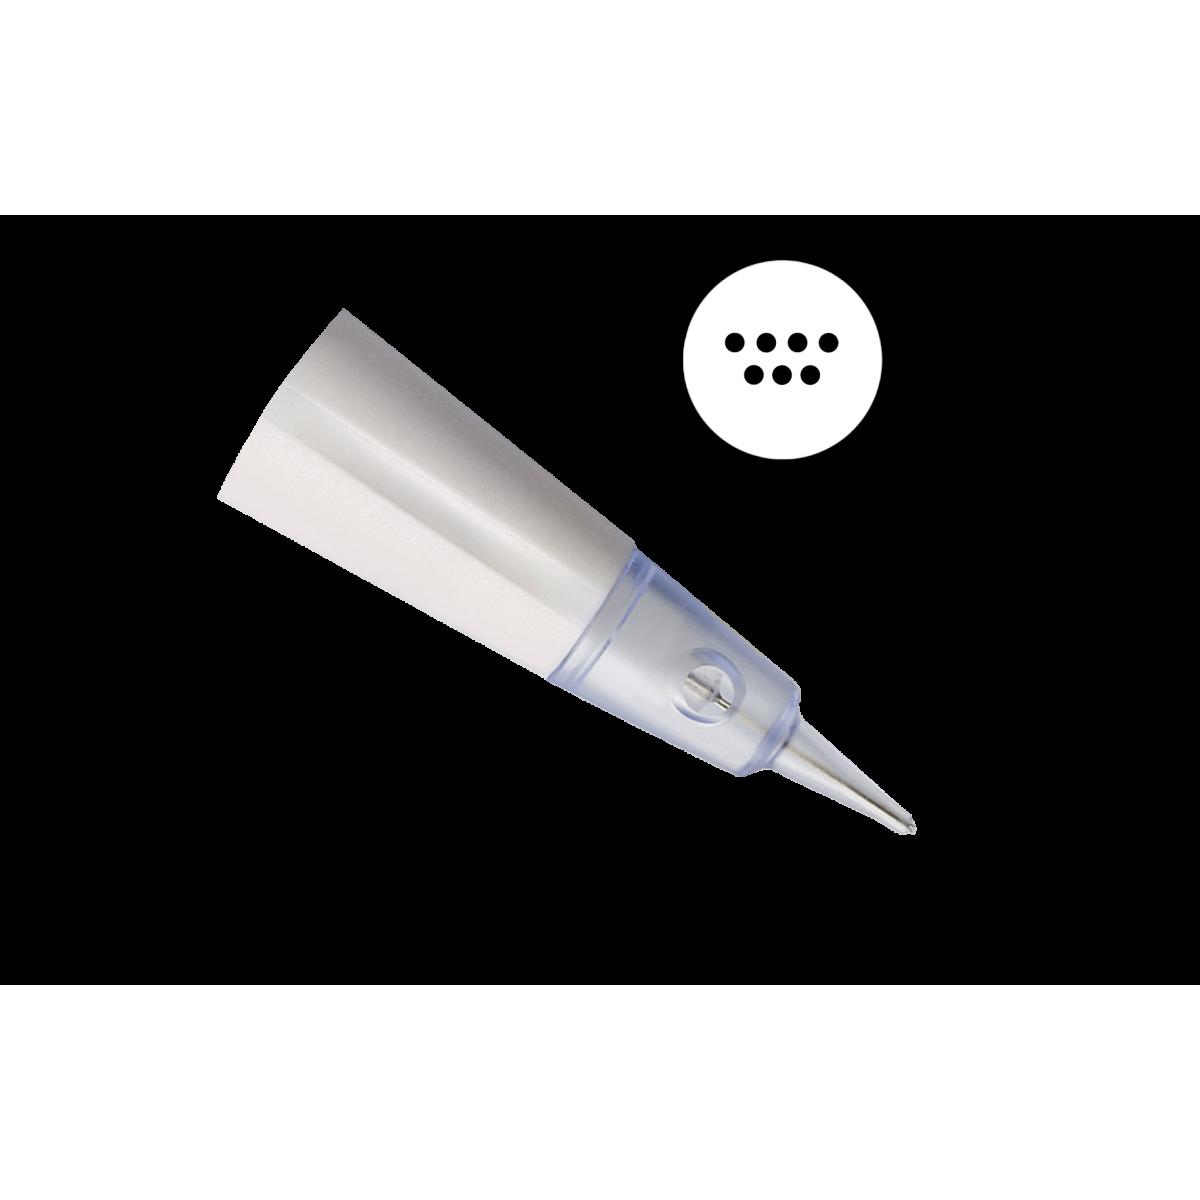 POUR GENIUS - MODULE 7 SPREAD (0,25 mm) GENIUS AMIEA